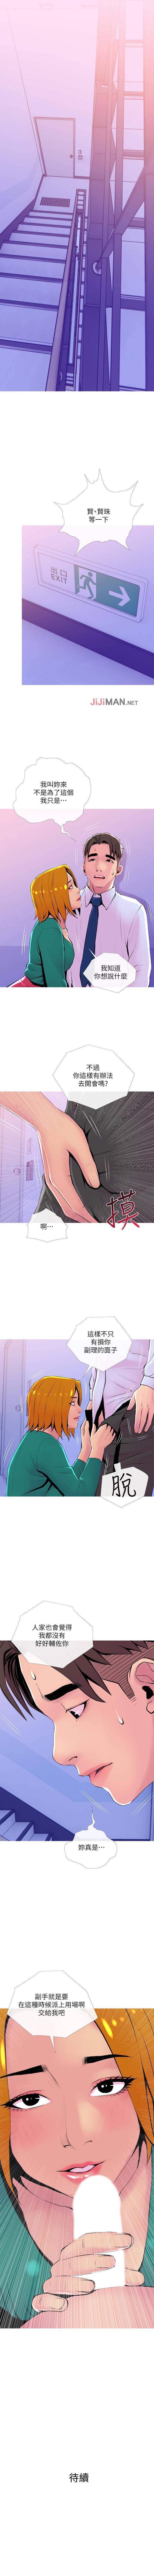 【周五连载】主妇危机(作者:查爾斯&漢水) 第1~26话 140